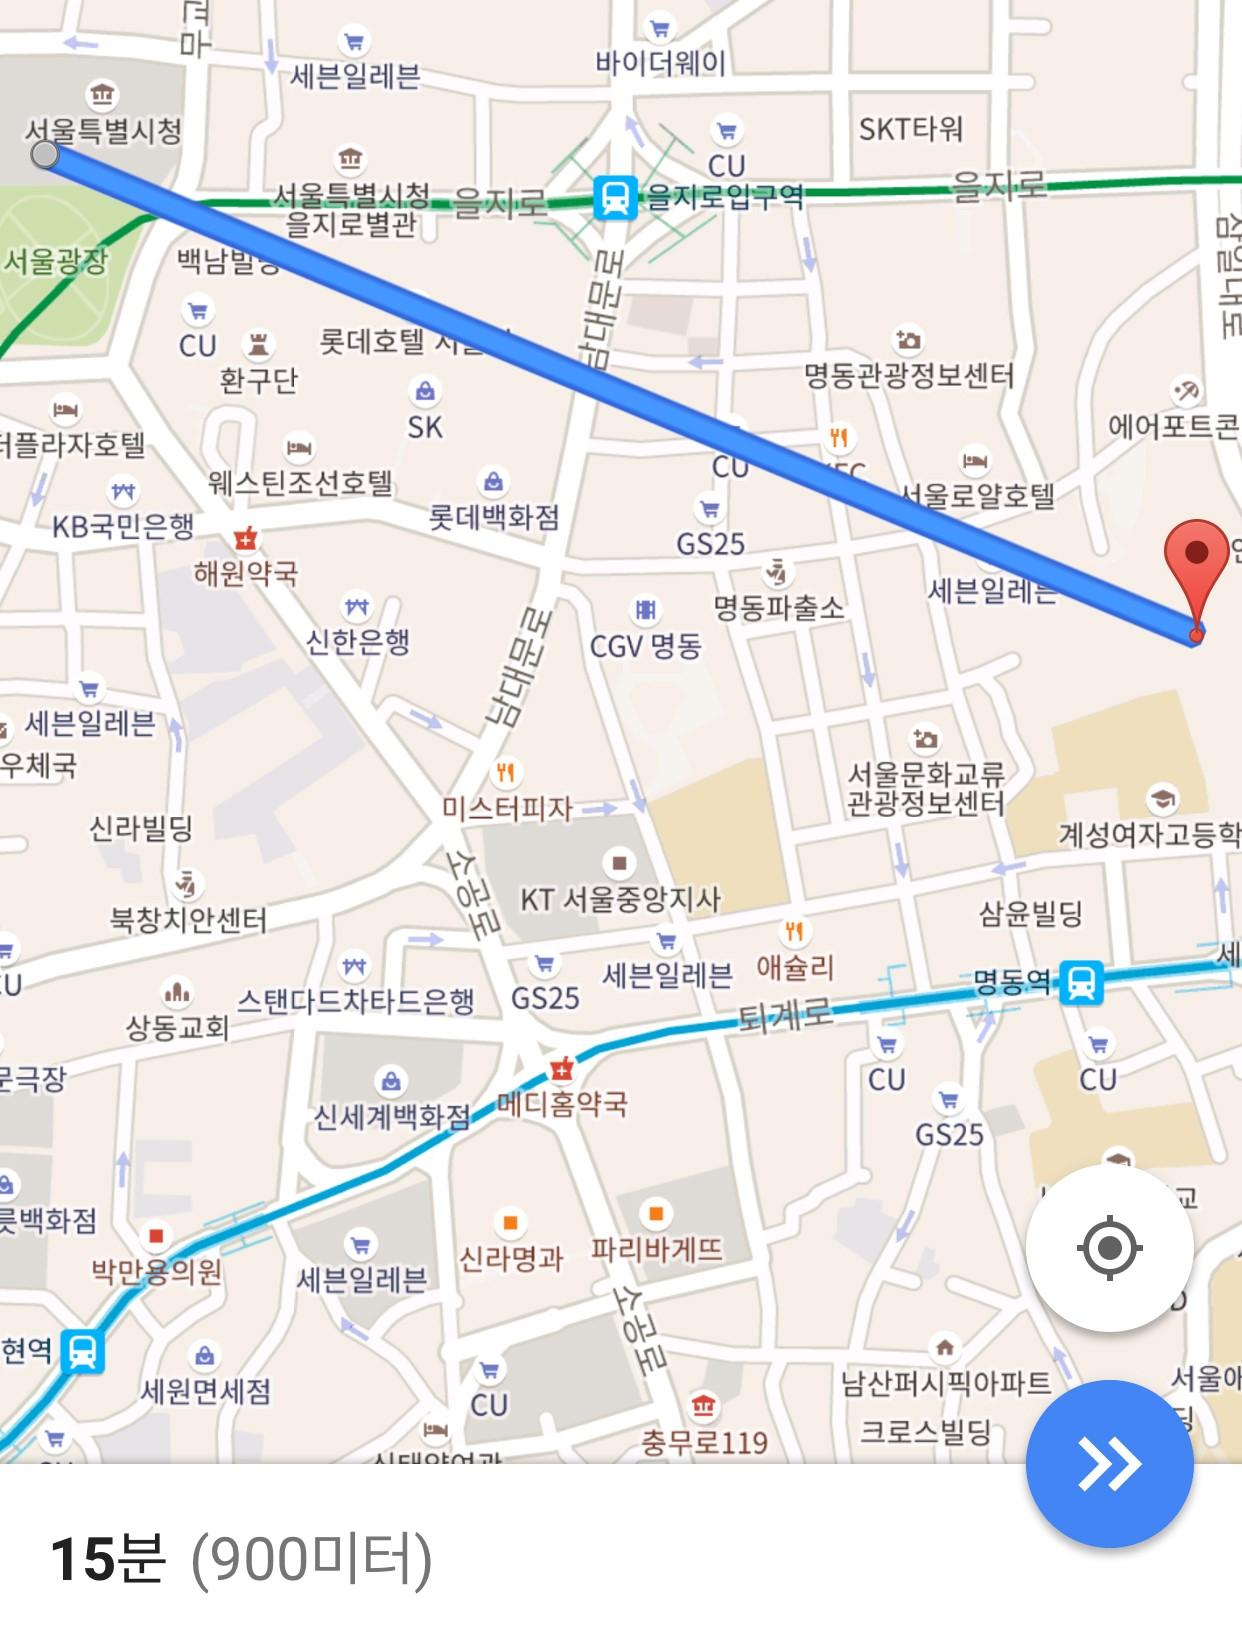 건물 벽을 뚫고 주파하면, 서울시청에서 명동성당까지 15분이면 간다